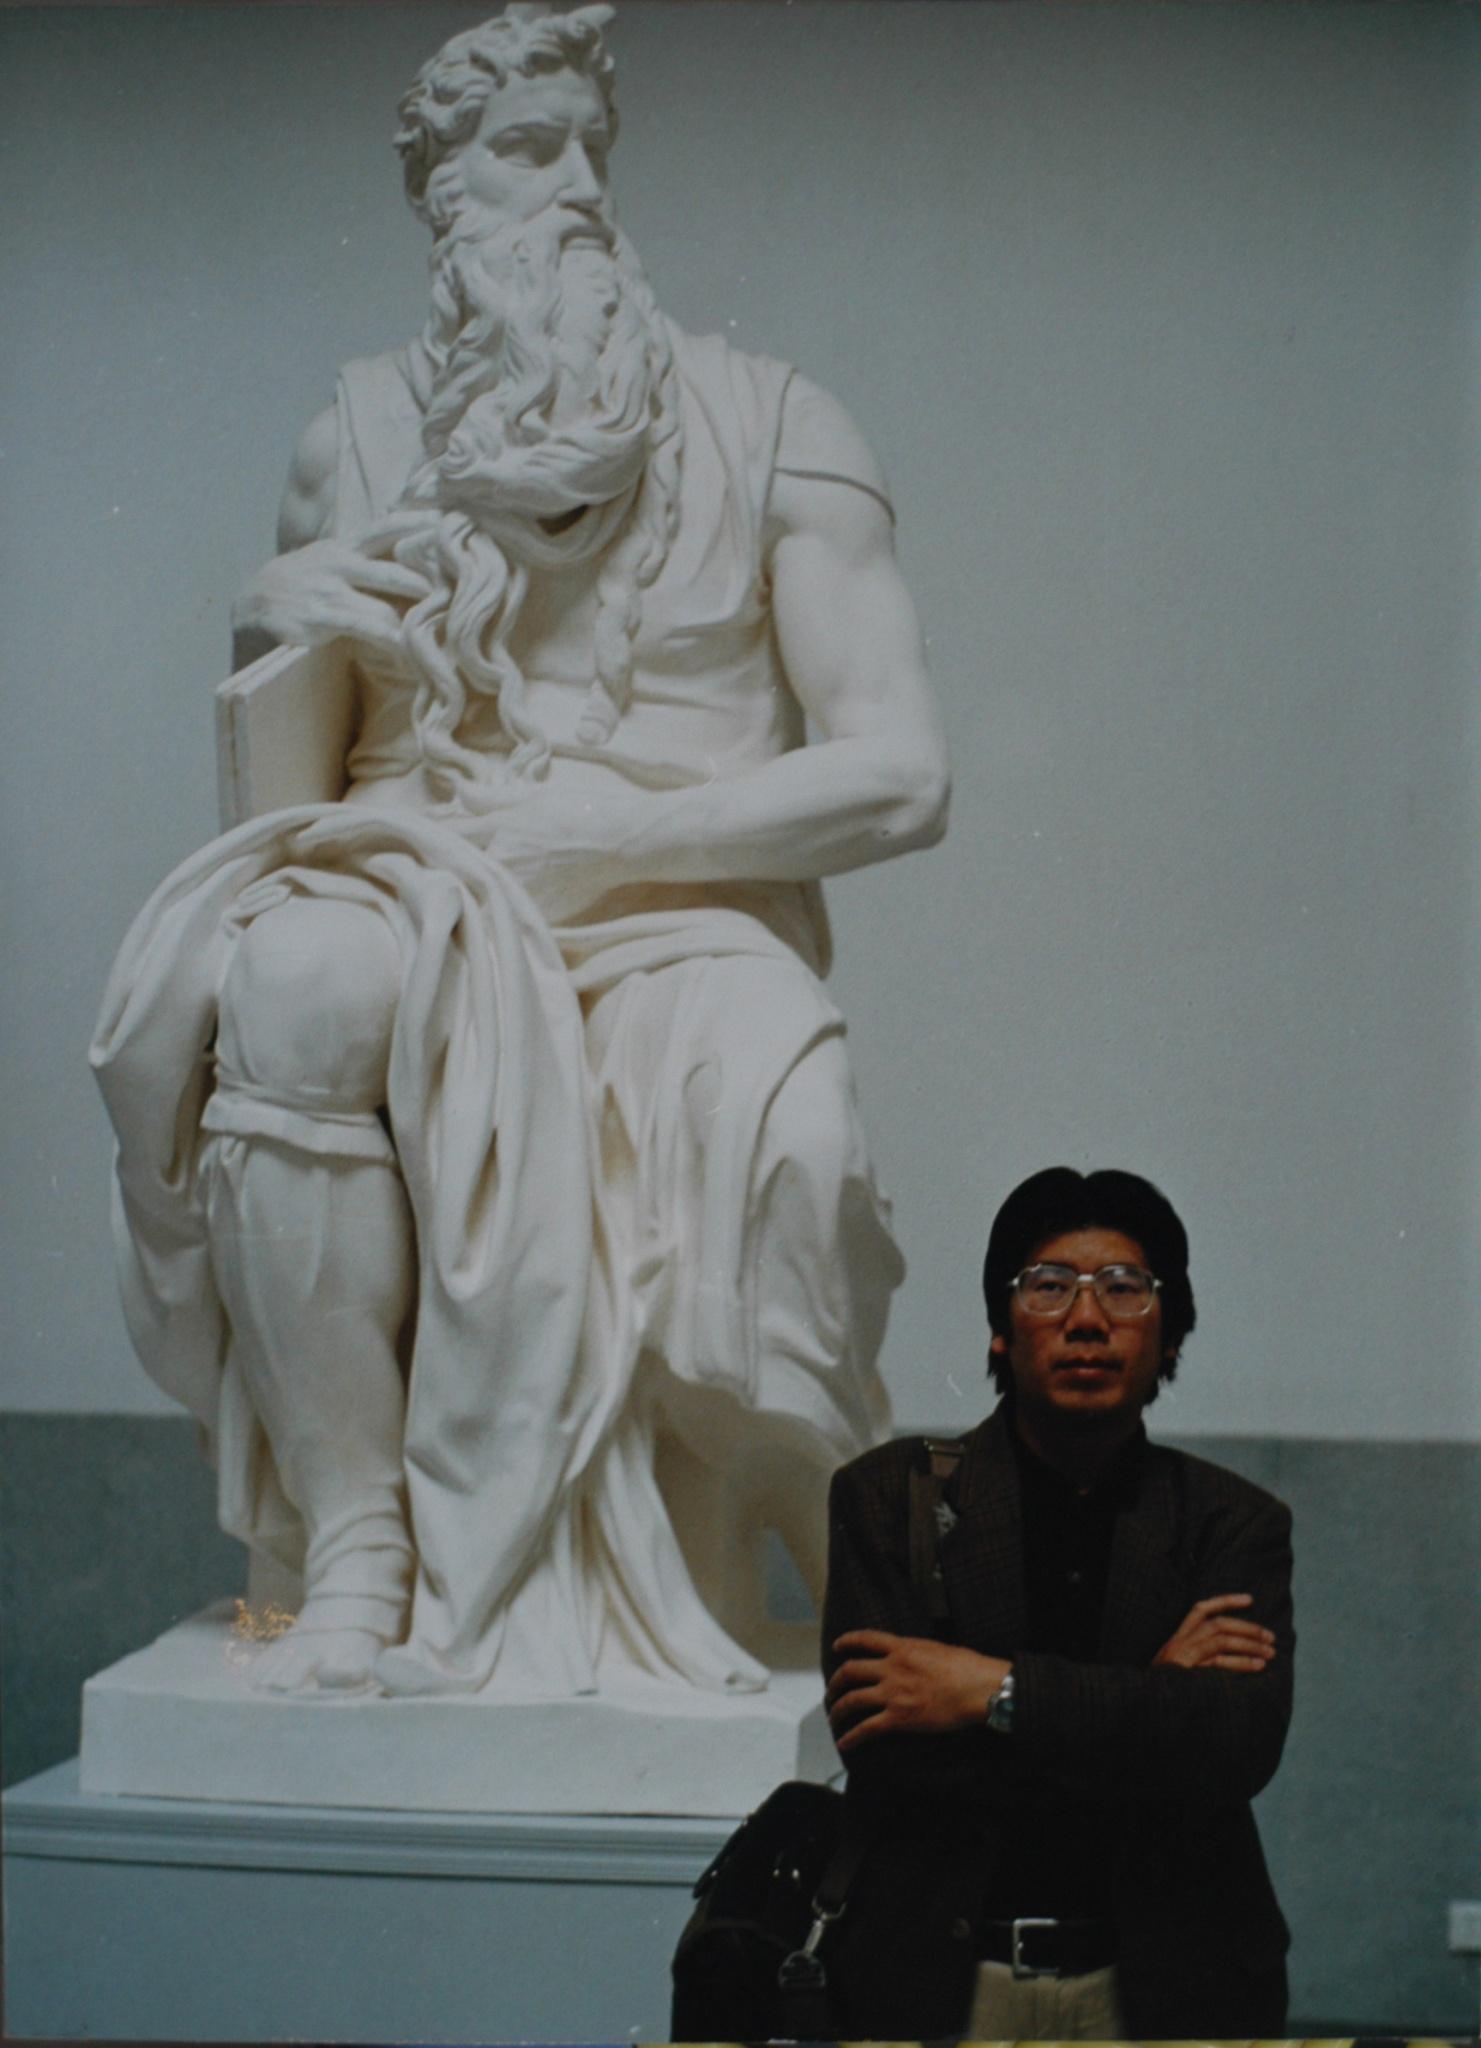 在米开朗基罗雕塑作品《摩西》前留影